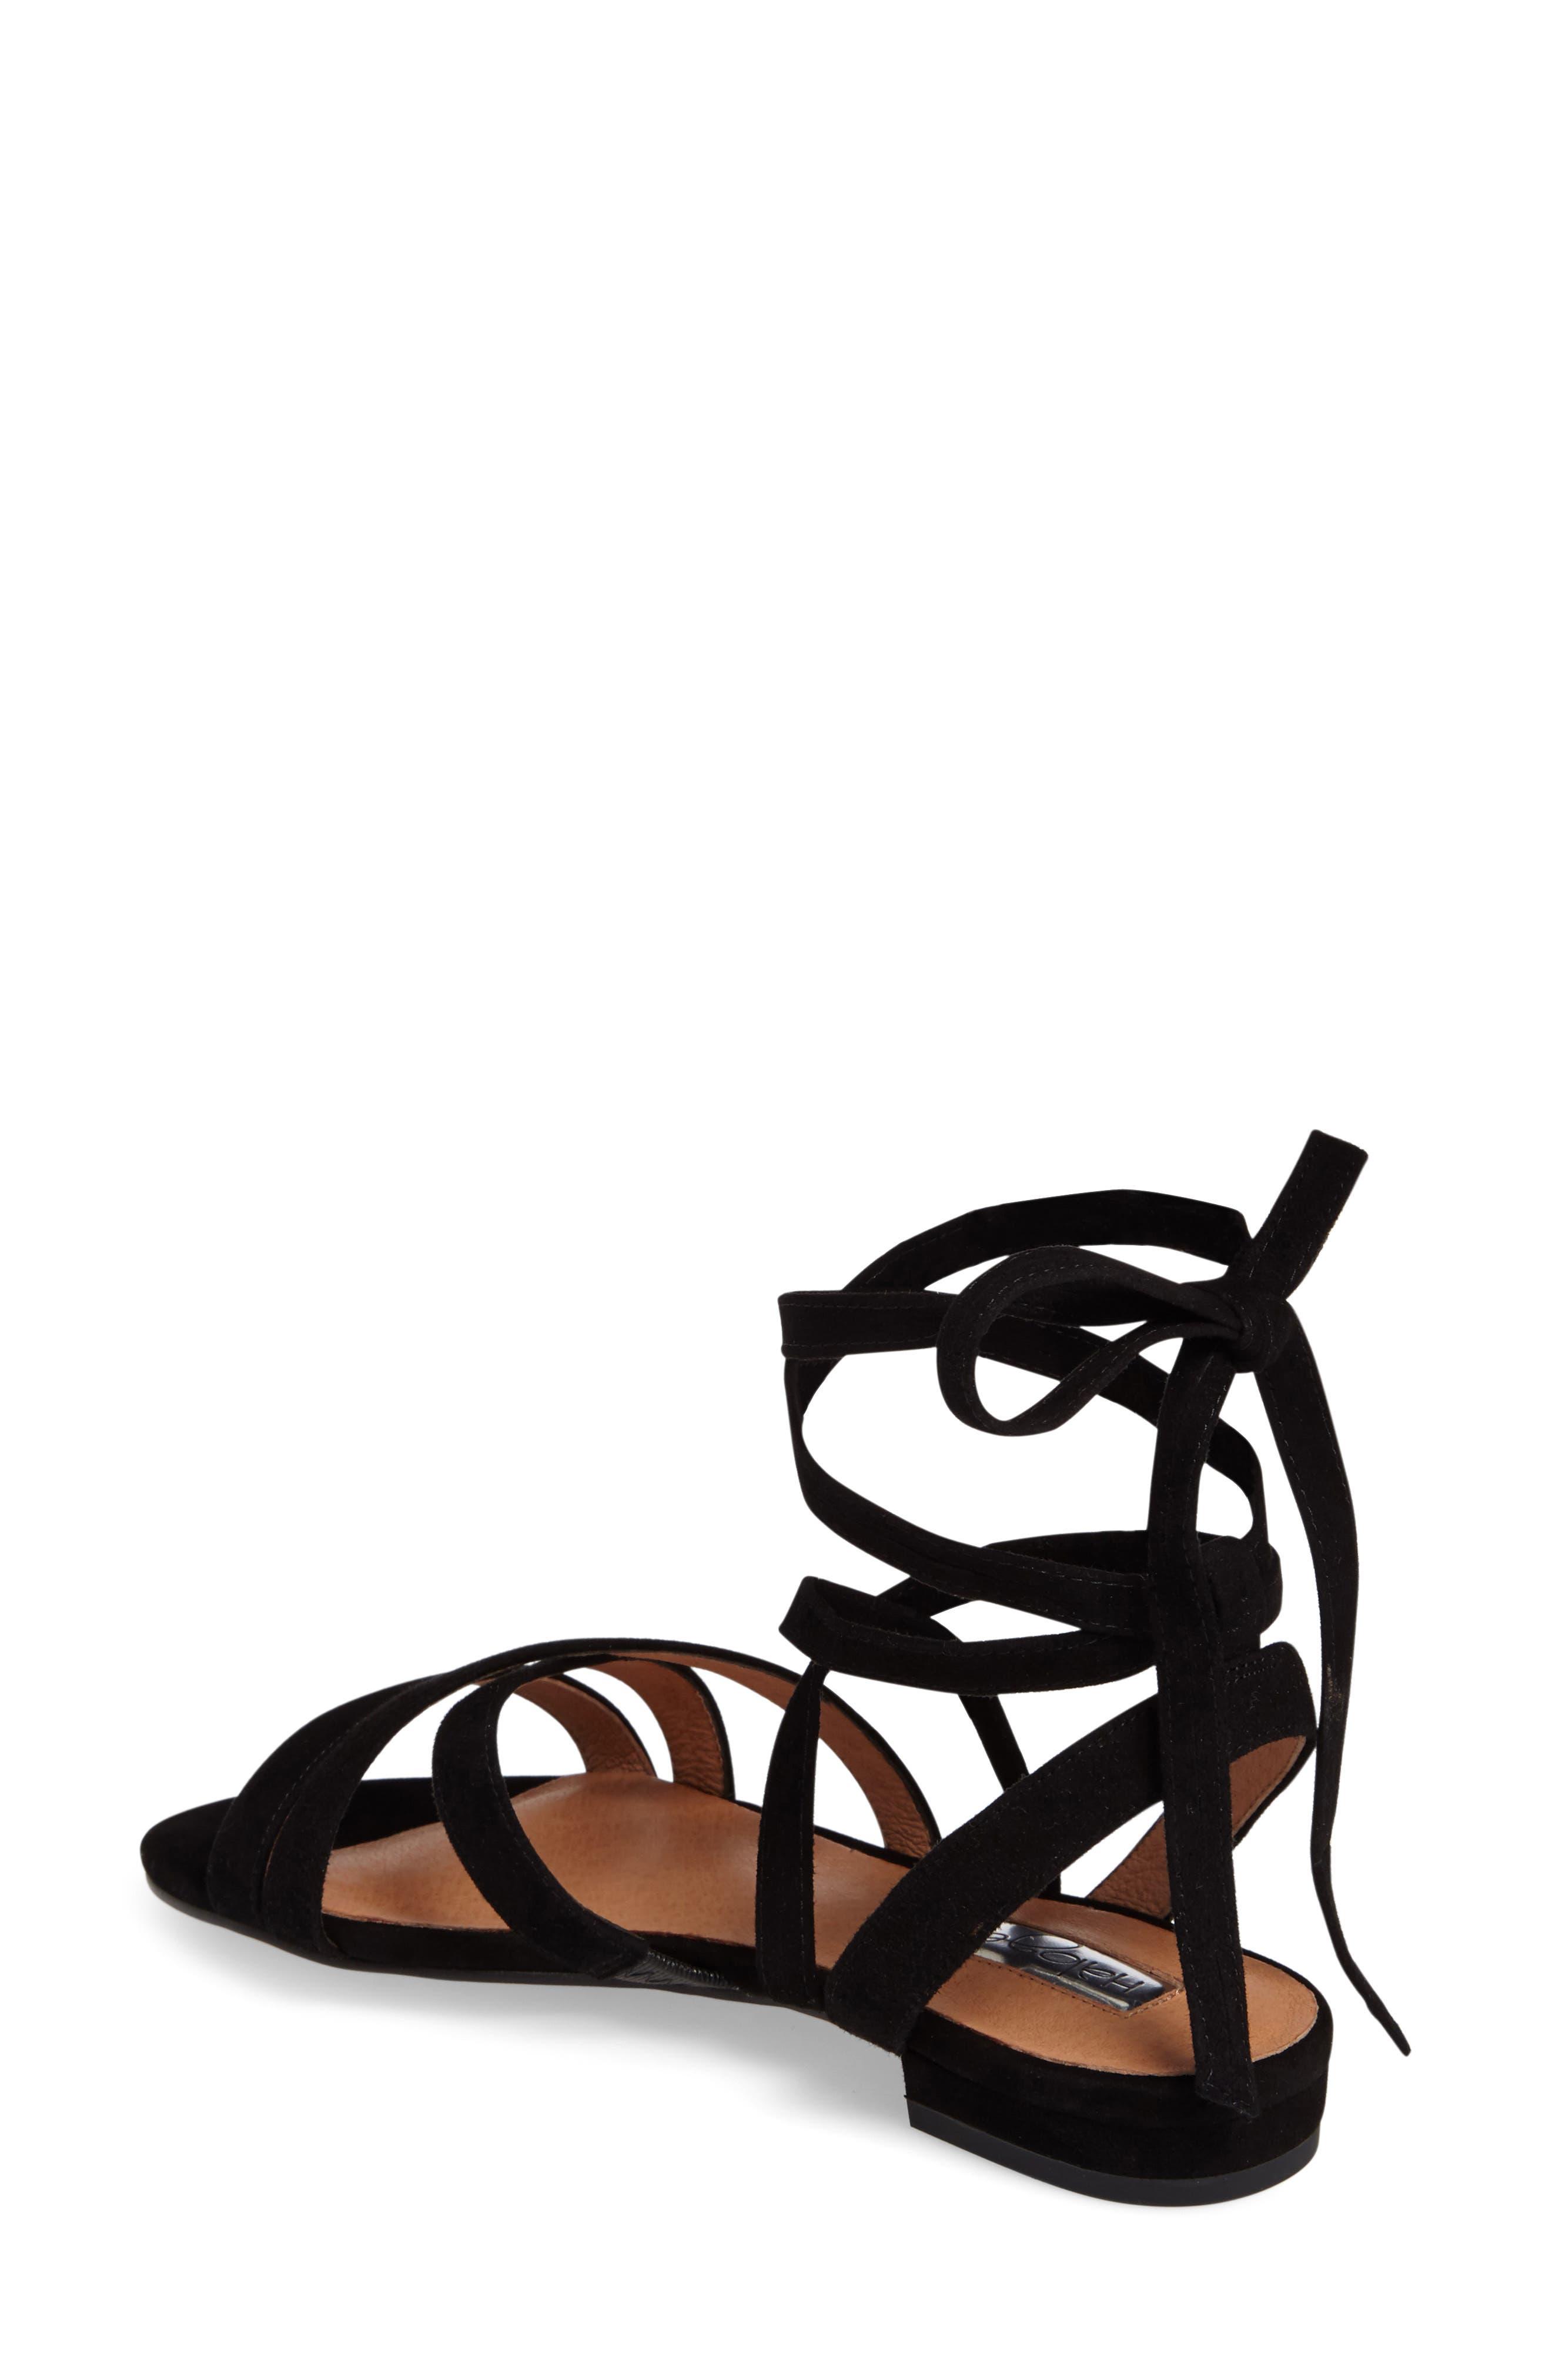 Frances Ankle Wrap Sandal,                             Alternate thumbnail 2, color,                             001